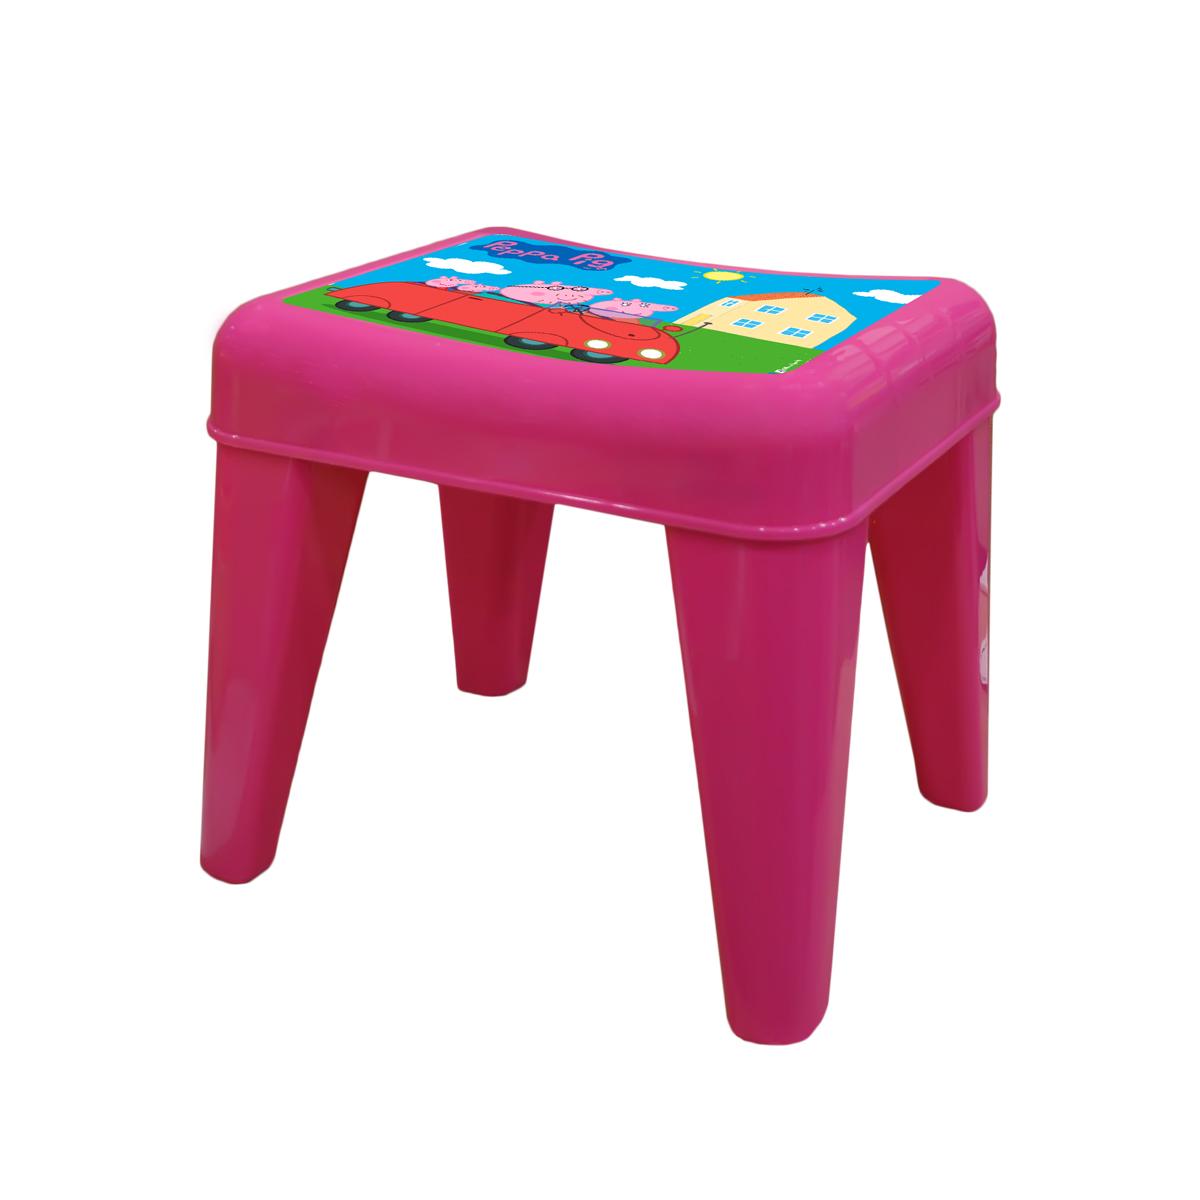 Табурет детский Little Angel Свинка Пеппа. Я расту, цвет: розовыйLA4502РРРЗМебель «Я расту» – это сбывшаяся мечта! Функциональная, яркая, безопасная и очень привлекательная мебель эксклюзивного дизайна. Уникальный декор мебели включает обучающие элементы - с ними малыш легко выучит английский алфавит, цифры а также научится определять время. Преимущества: эксклюзивные декоры с любимыми героями; закругленные углы для безопасности малыша; противоскользящие накладки для безопасного использования на любой поверхности; особо прочная конструкция ножек для надежной и безопасной эксплуатации; выдерживает статическую нагрузку до 100 кг. для стола и до 180 кг. для стула и табурета.